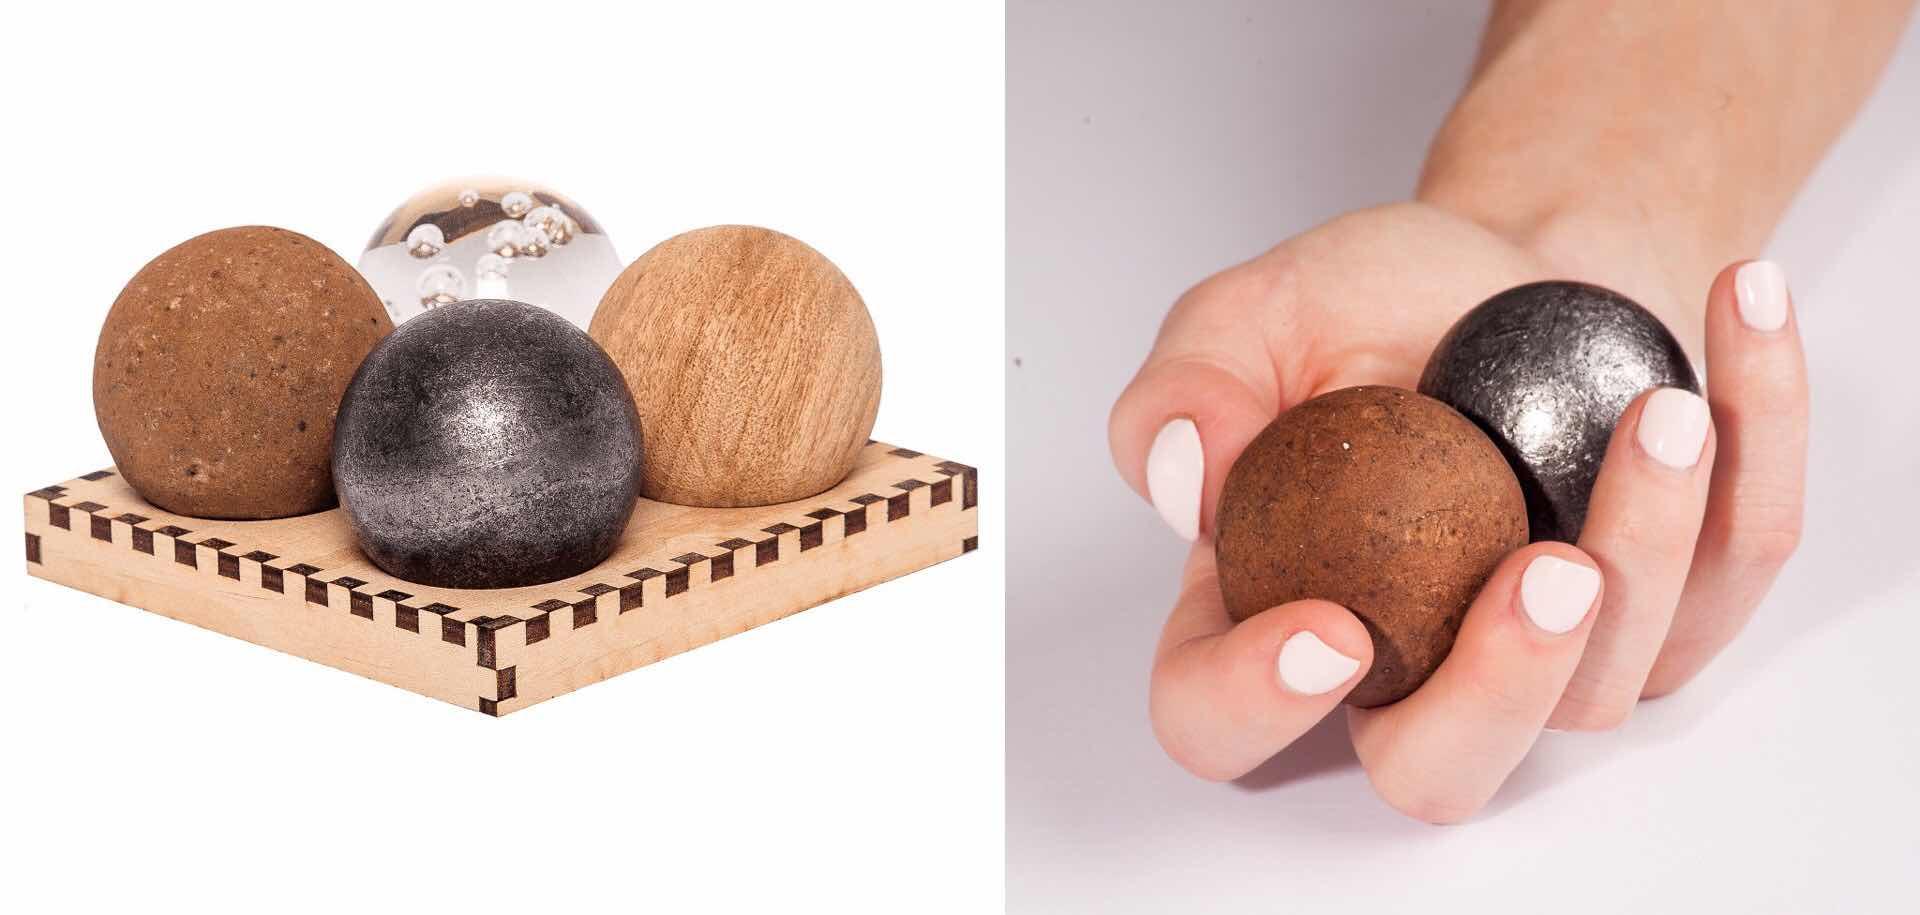 toucheys-meditation-balls-kickstarter